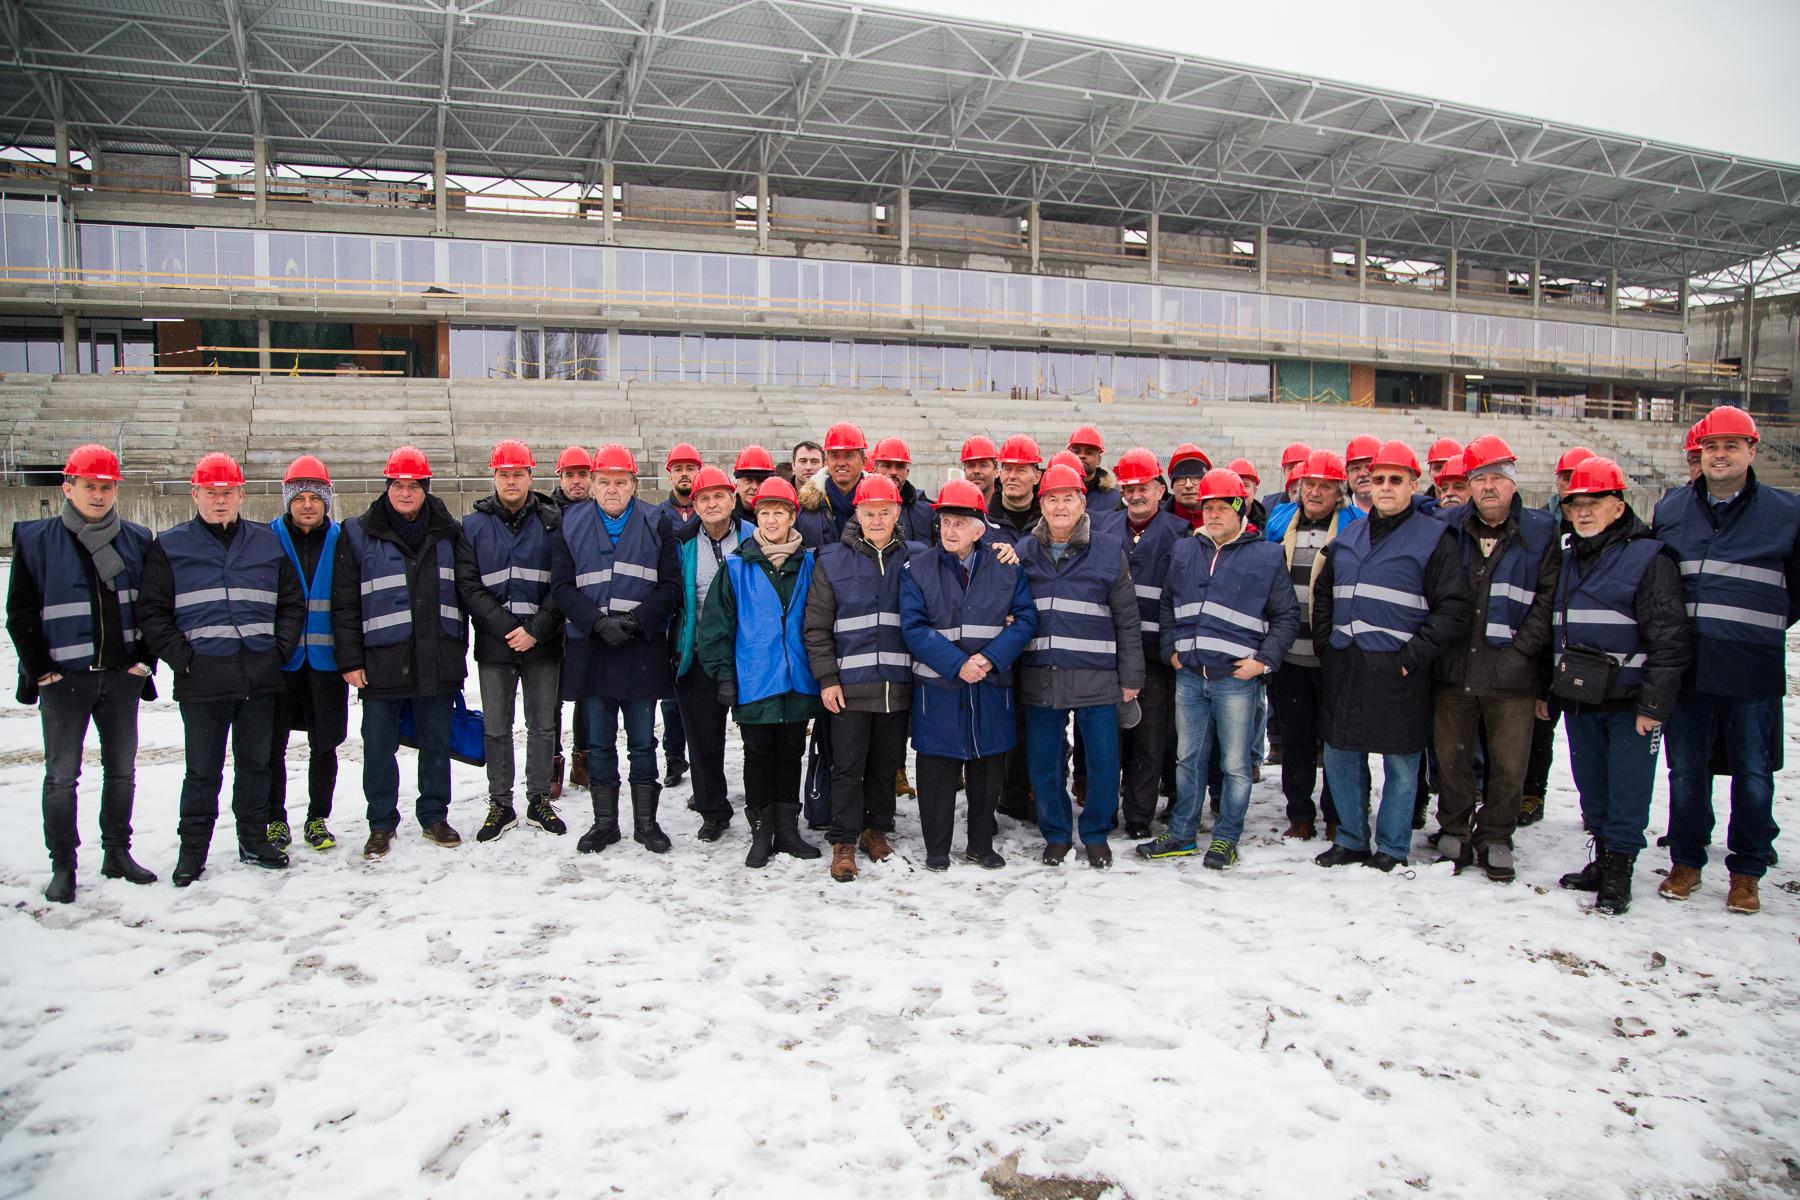 Ősszel átadják az új stadionunkat